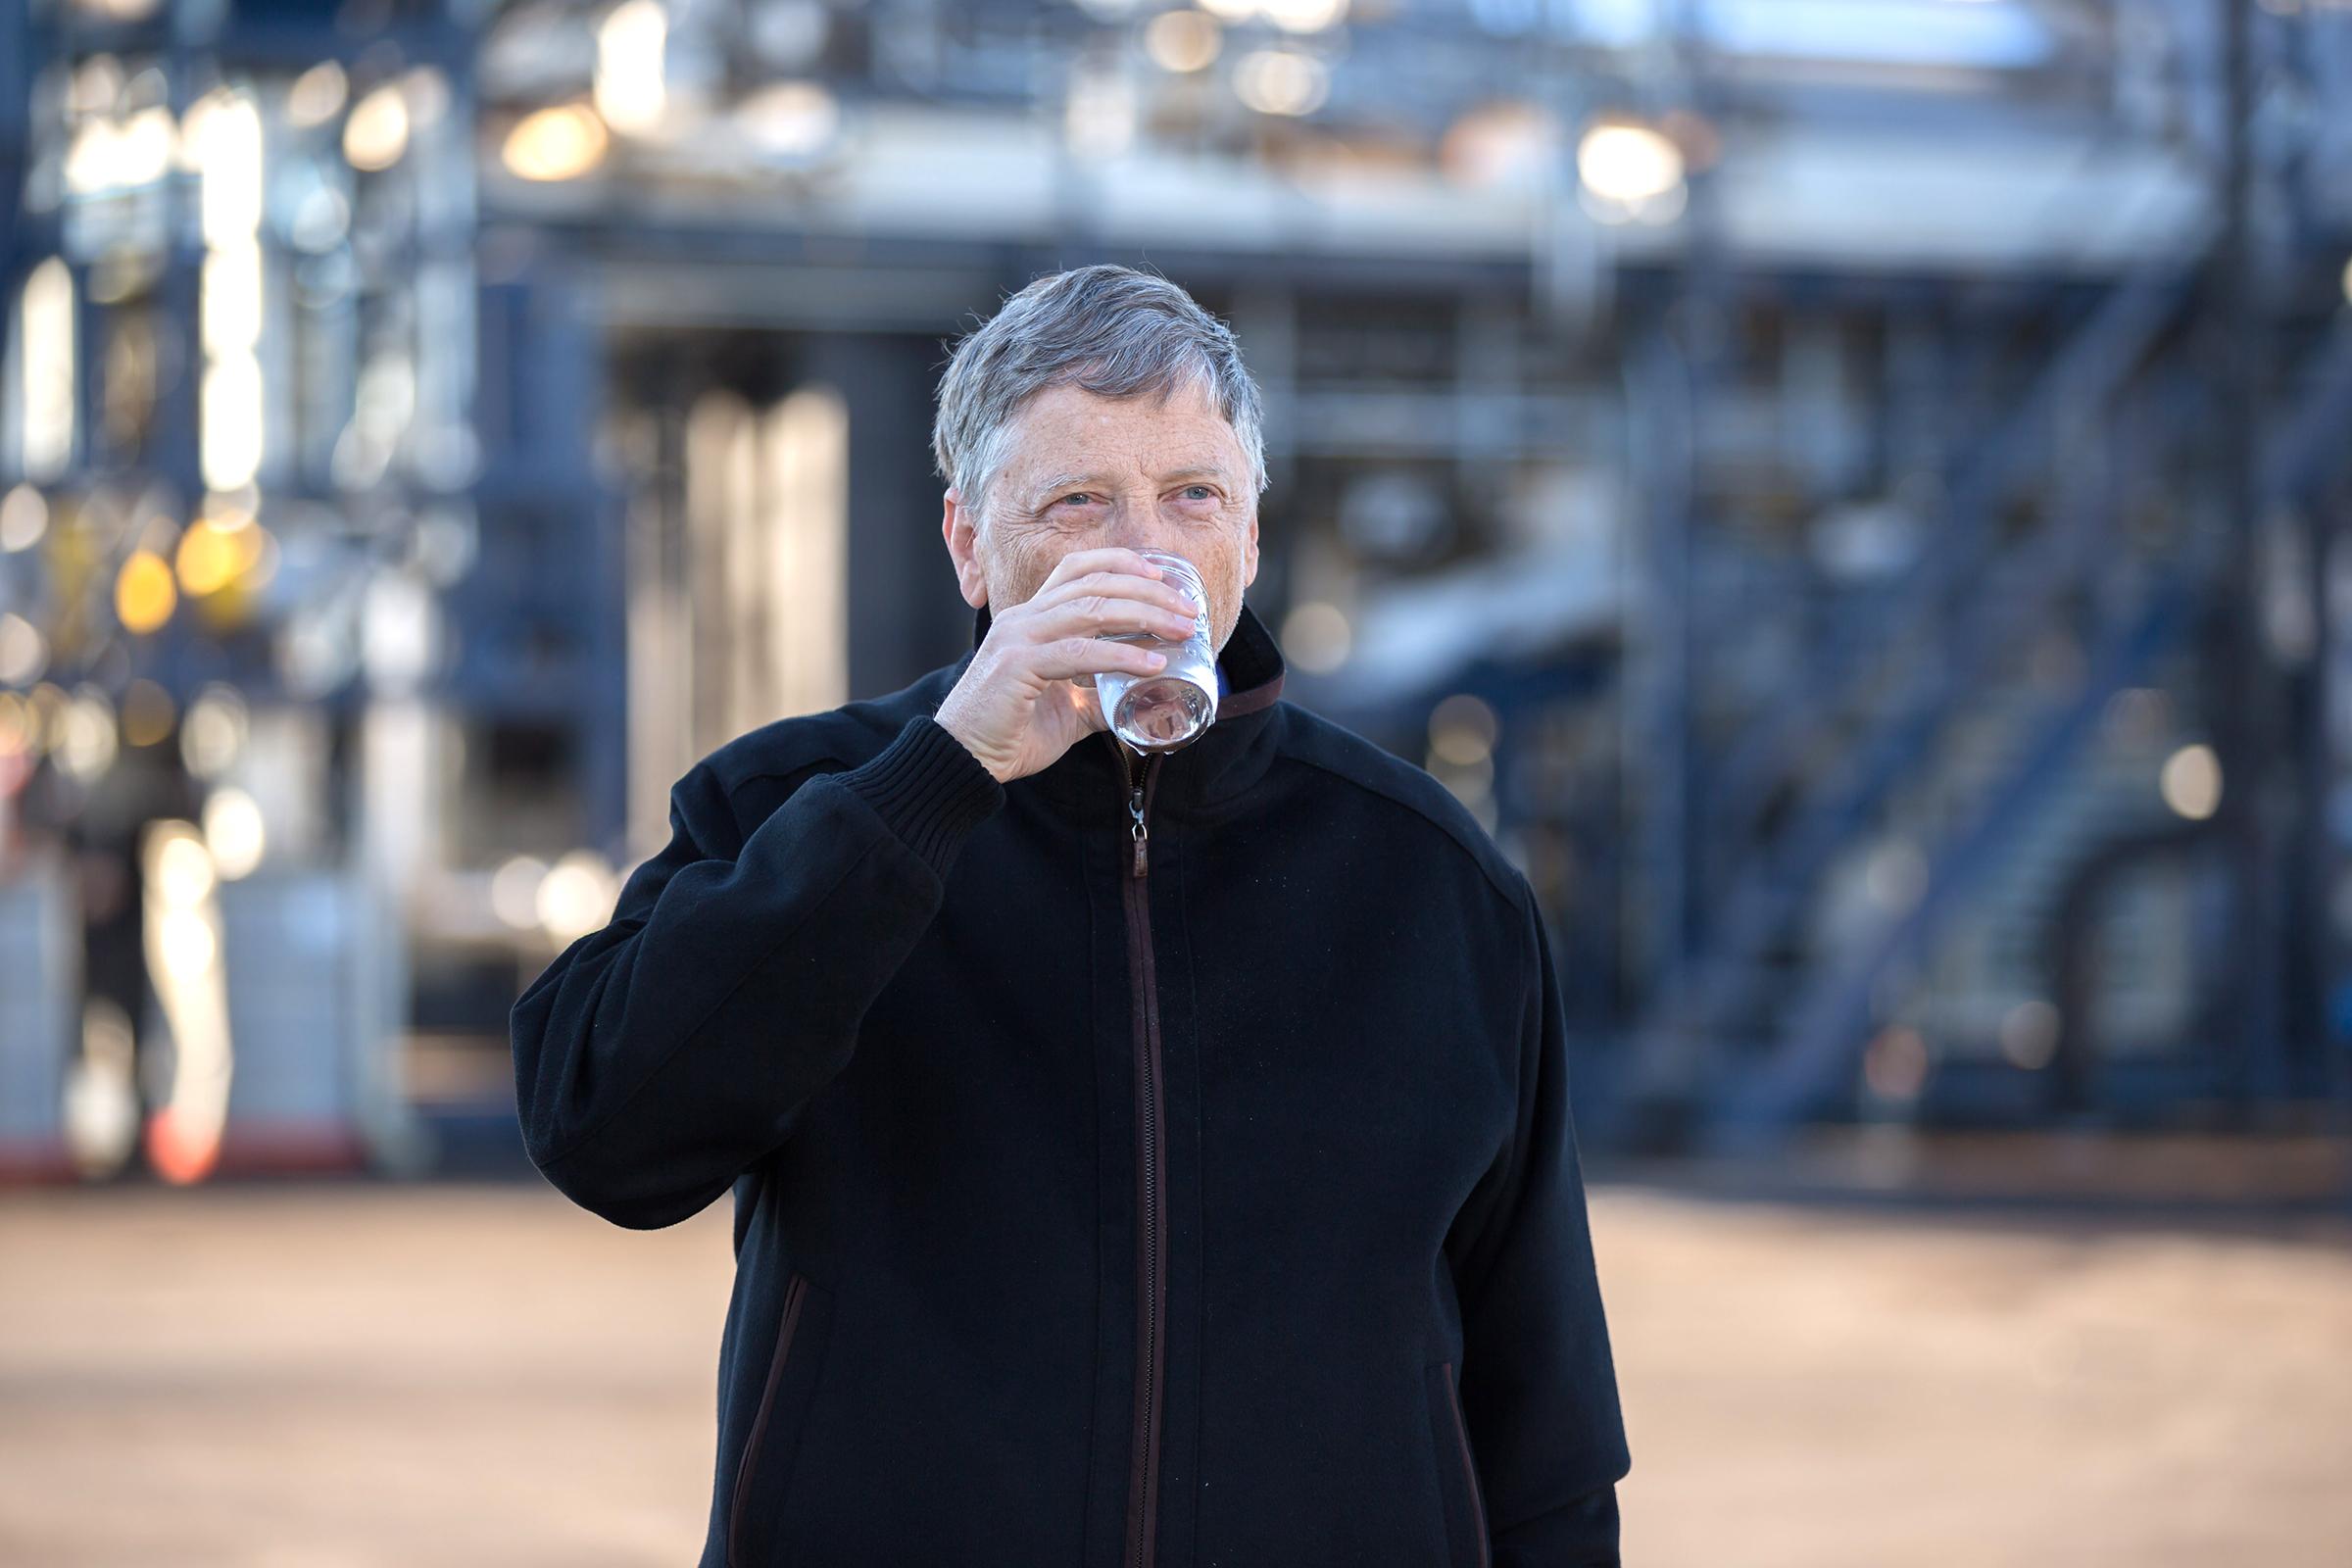 Janicki Omniprocessor, il macchinario di Bill Gates che trasforma le feci in acqua potabile